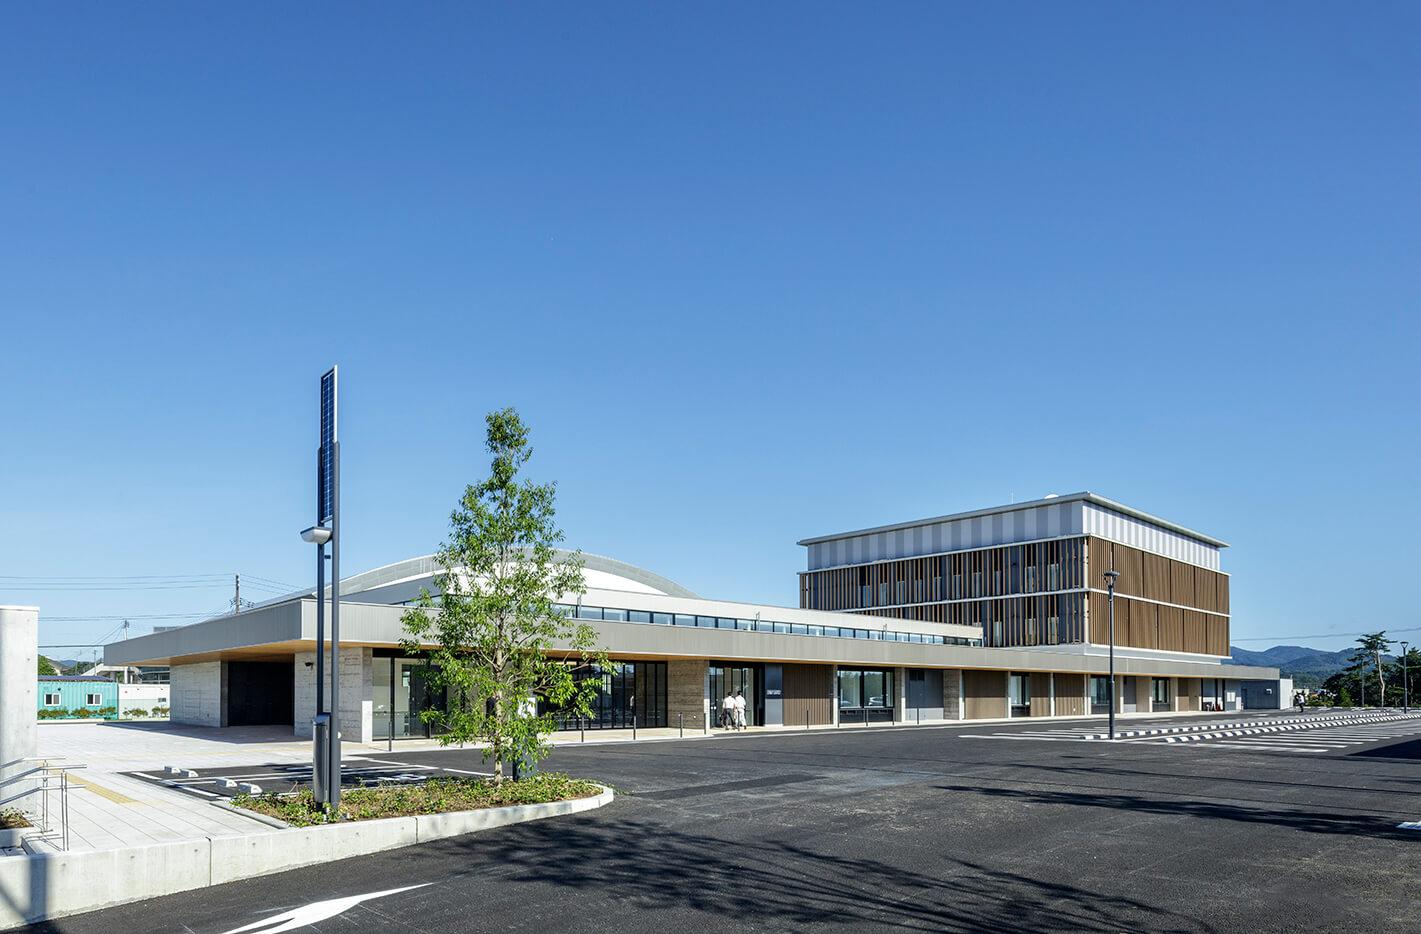 木造建築の施工事例:南三陸町役場庁舎 2枚目